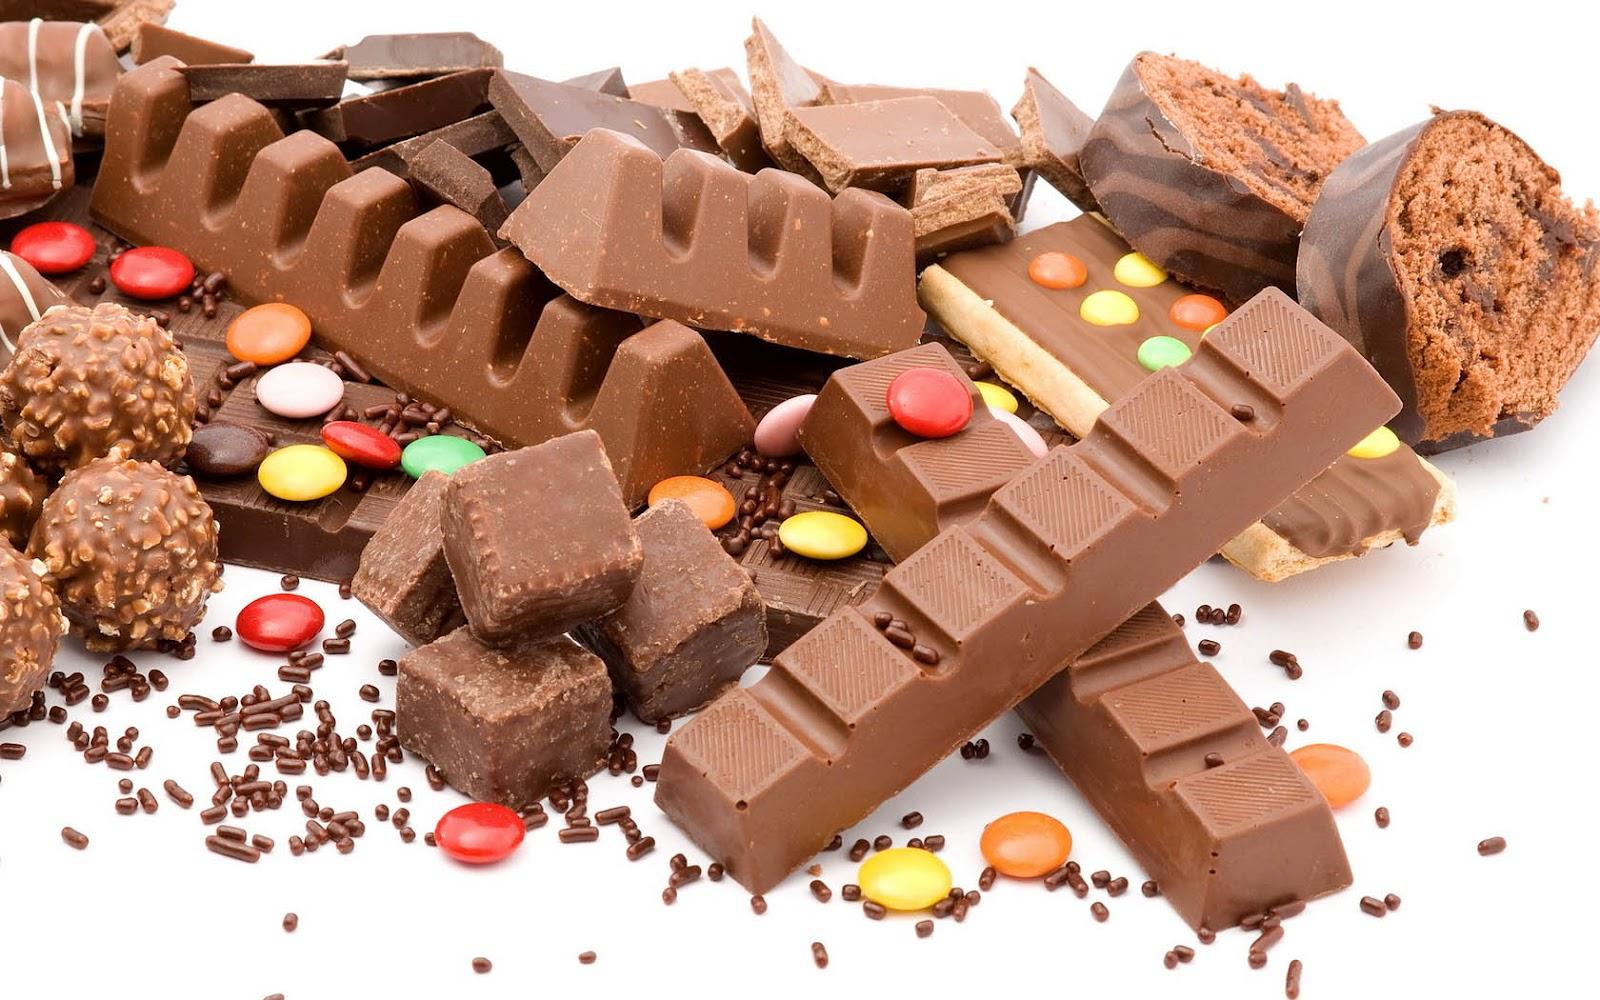 http://1.bp.blogspot.com/-YtSnGT-5L-g/UG2d4_KhUpI/AAAAAAAAFXI/7SRBZ3EDCJA/s1600/foto-met-verschillende-soorten-chocolade-hd-eten-wallpaper.jpg